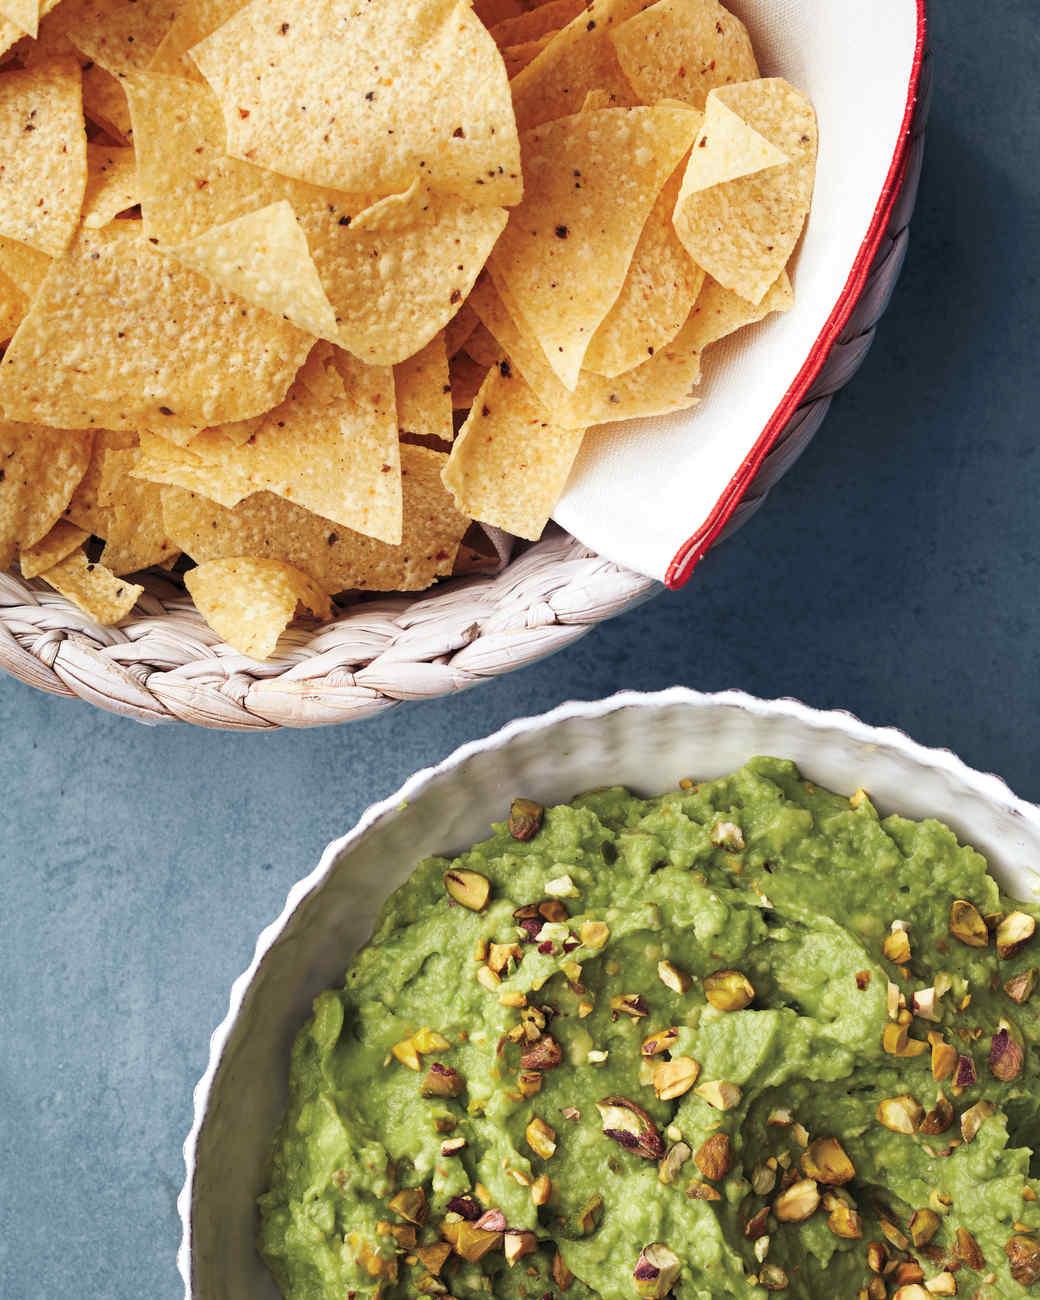 pistachio-guacamole-0181-d111547.jpg